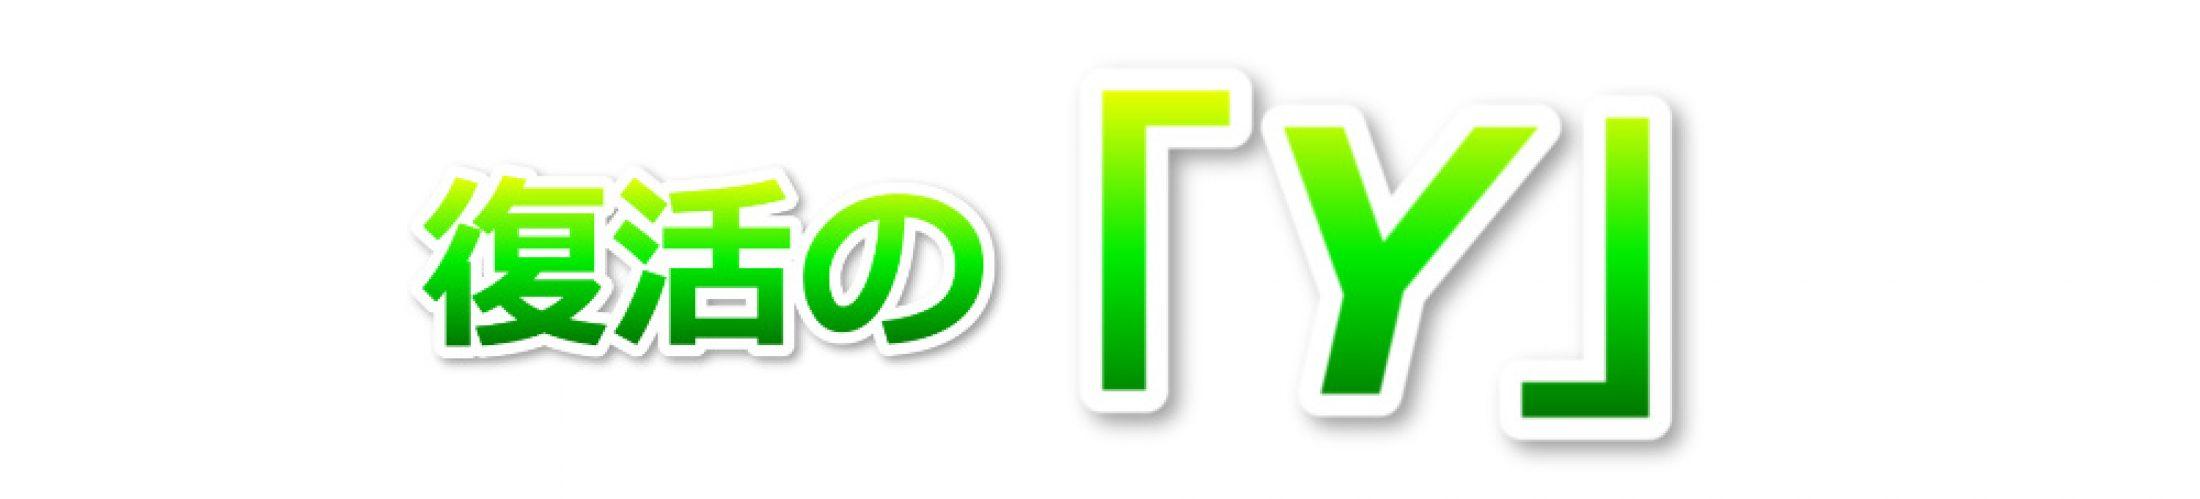 復活の「Y」